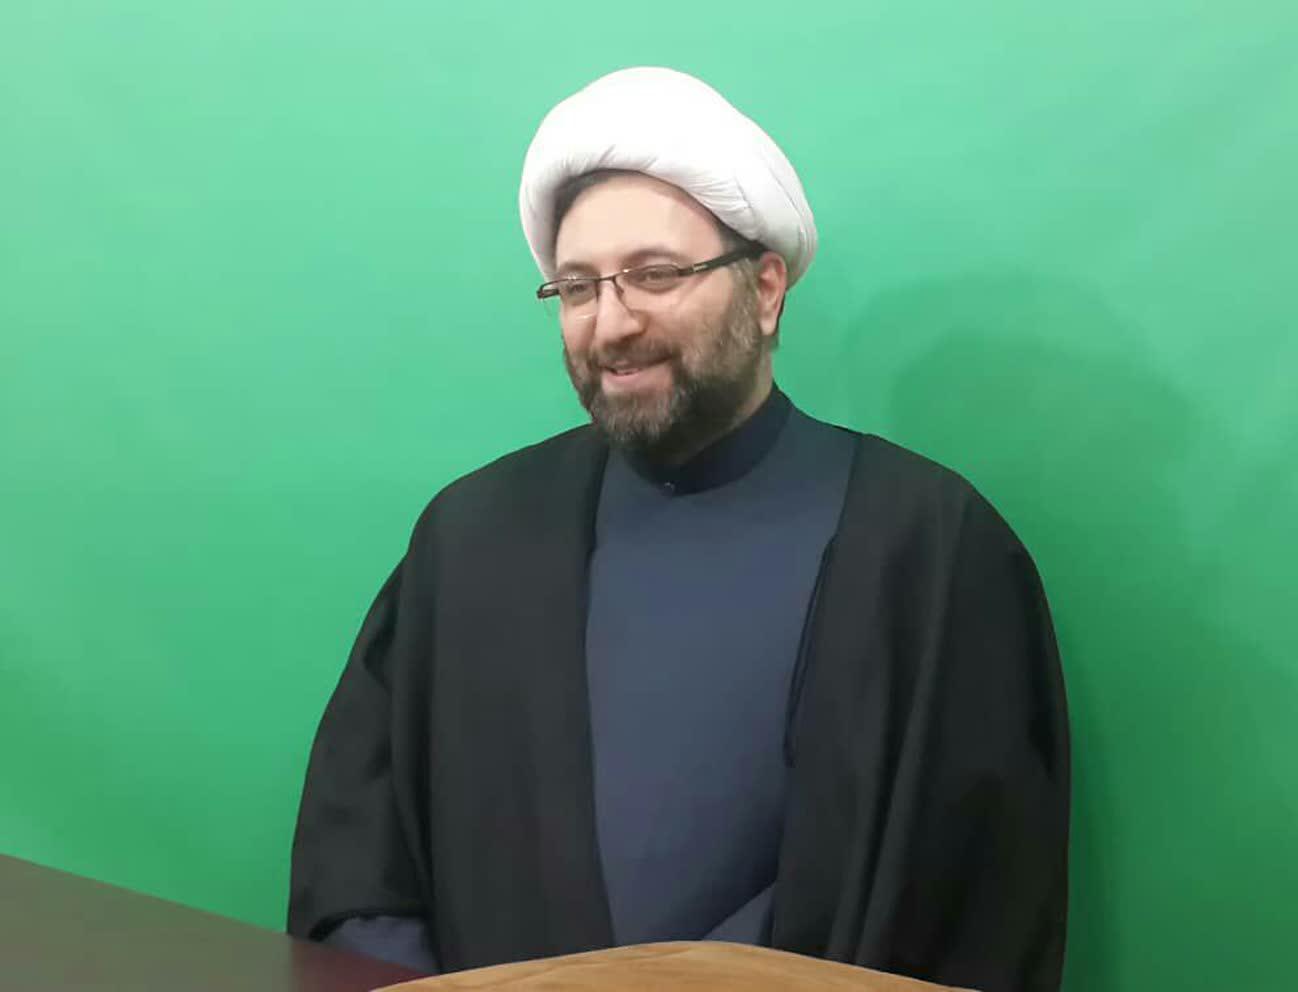 دکتر کامران اویسی در استودیو رادیو معارف برای ضبط برنامه رادیو قرآن